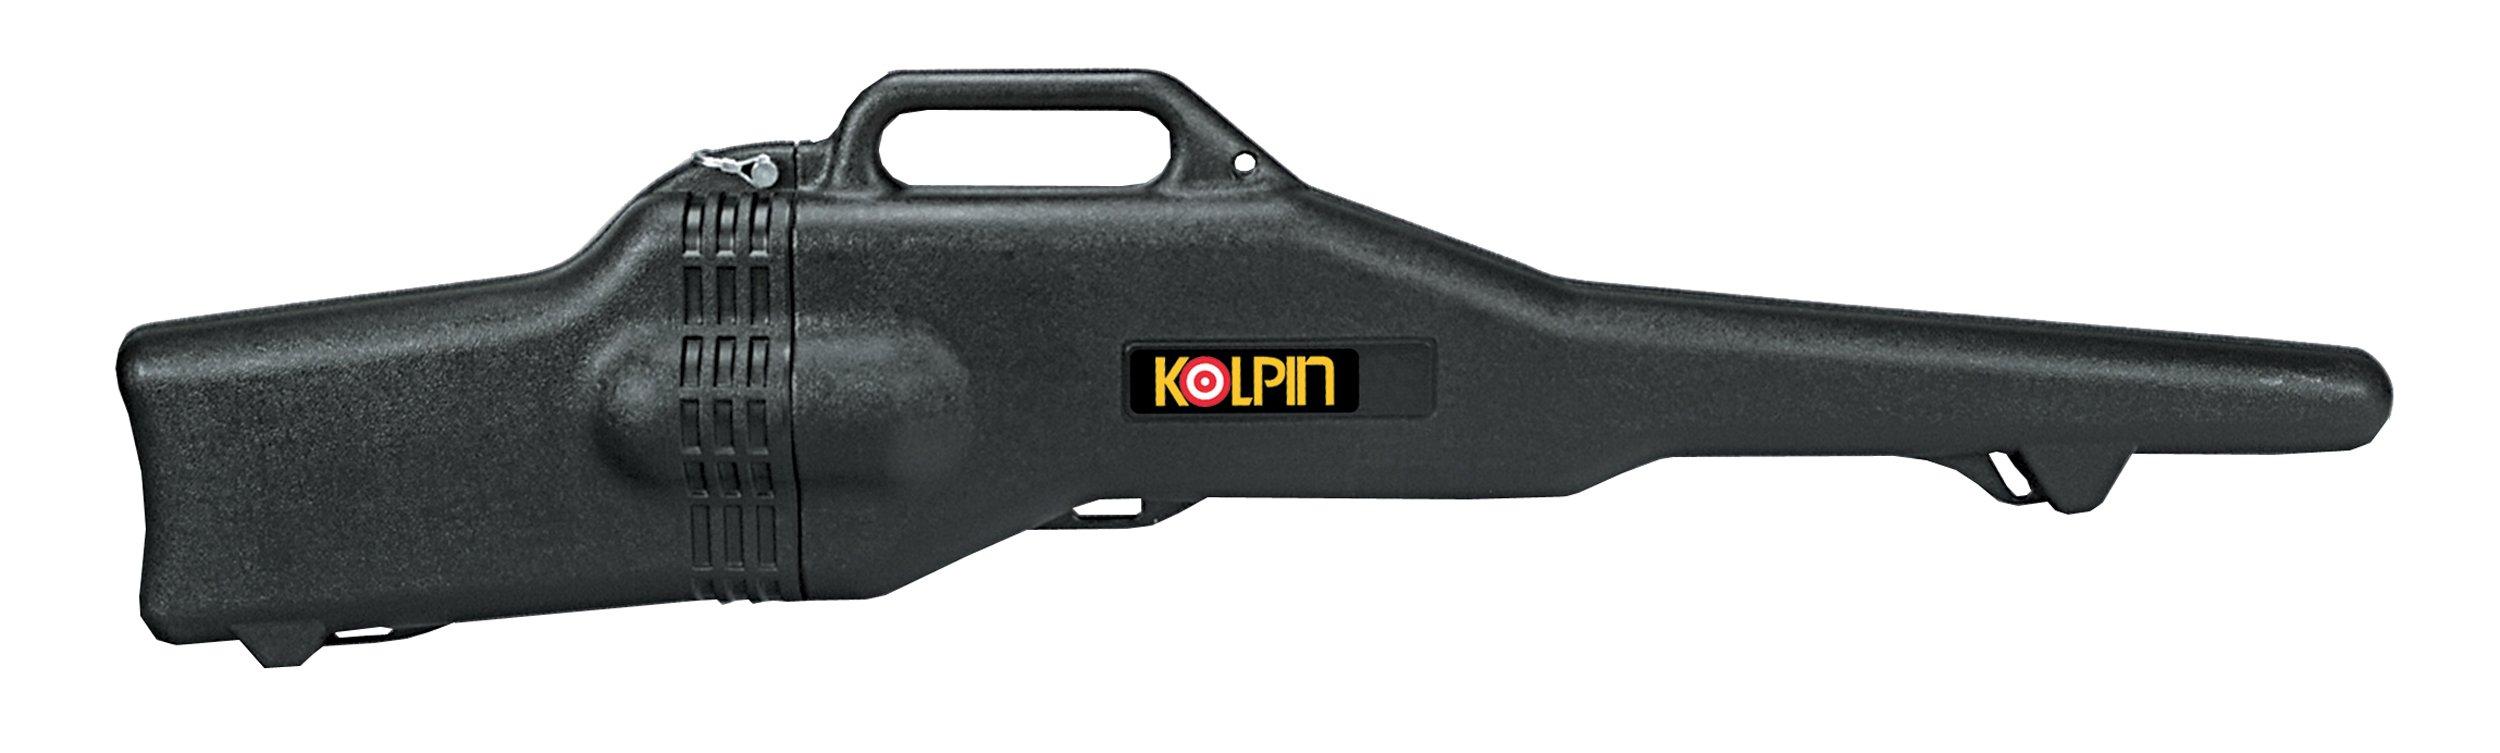 Kolpin Gun Boot IV - Black - 20051 by Kolpin